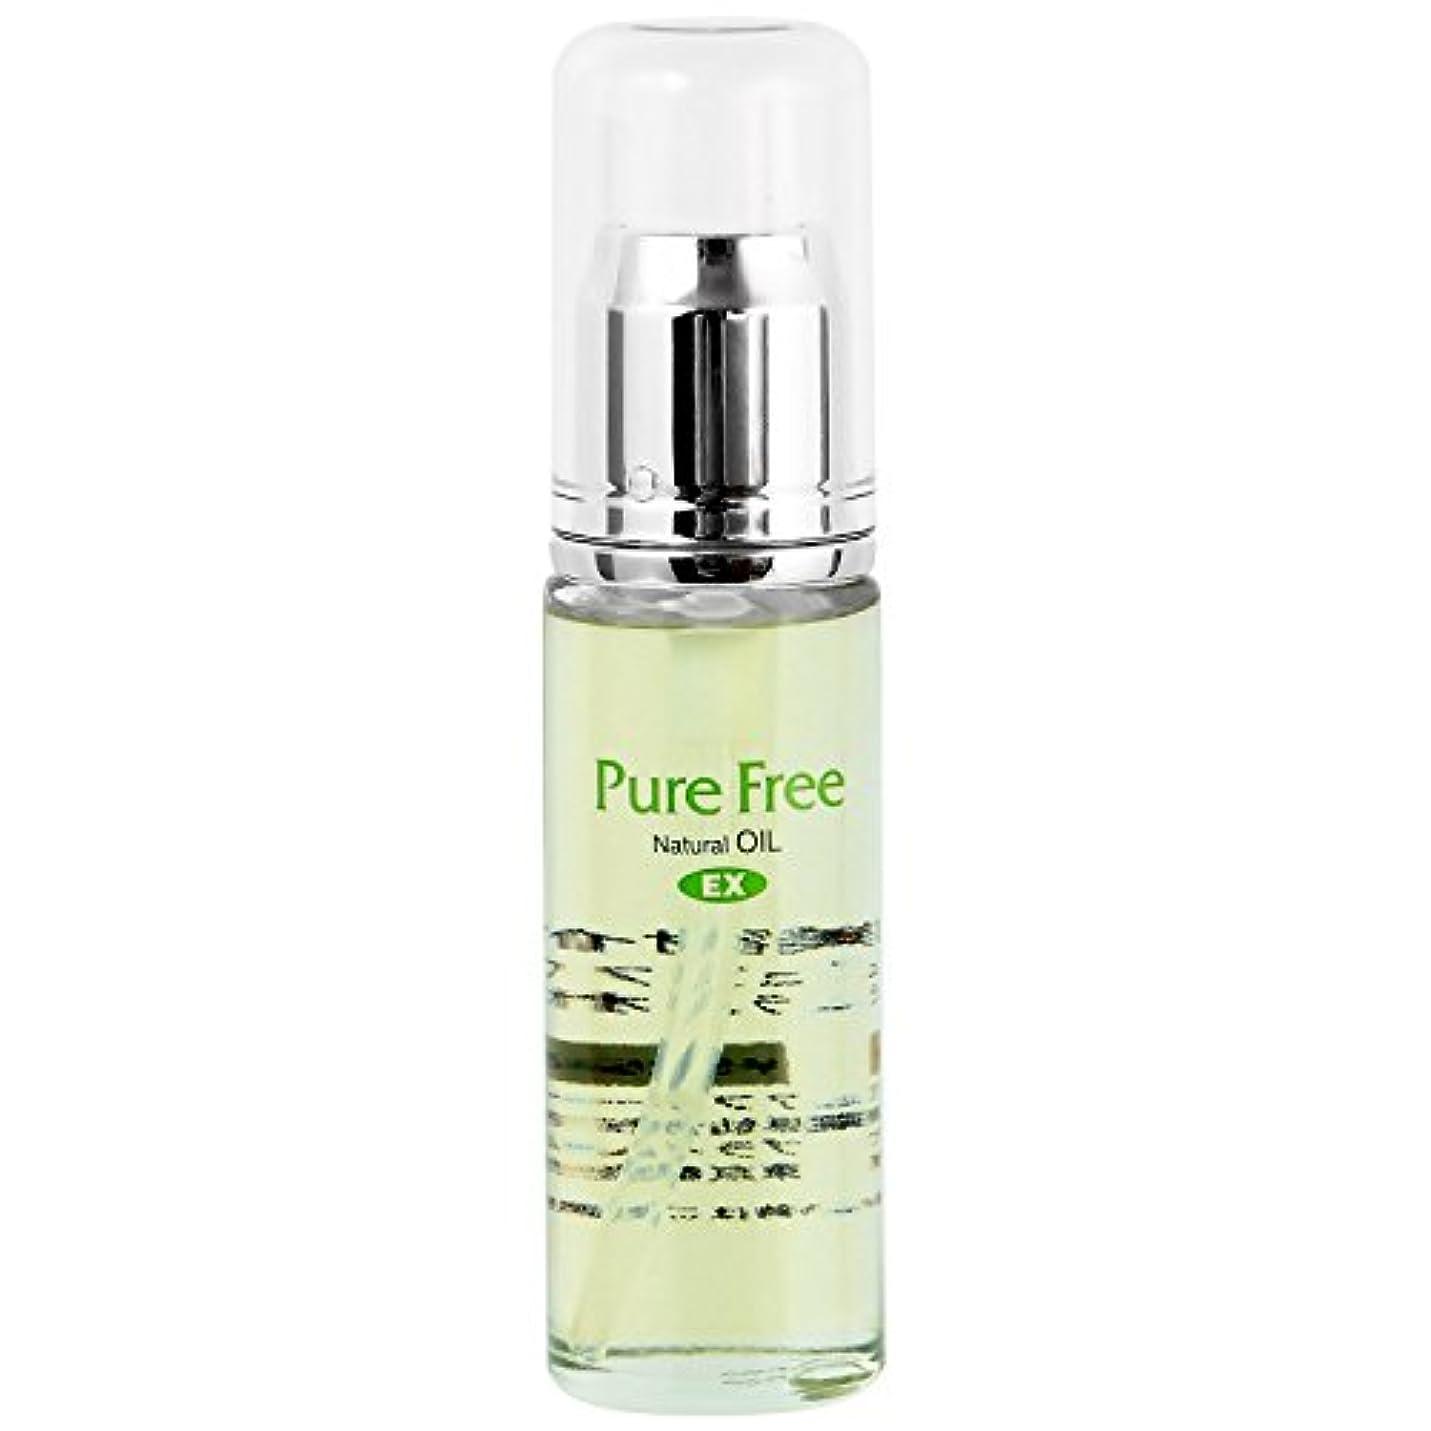 組立牧師太平洋諸島Pure Free (ピュアフリー) ナチュラルオイルEX オーガニック 正規品 乾燥肌用オイル 30ml